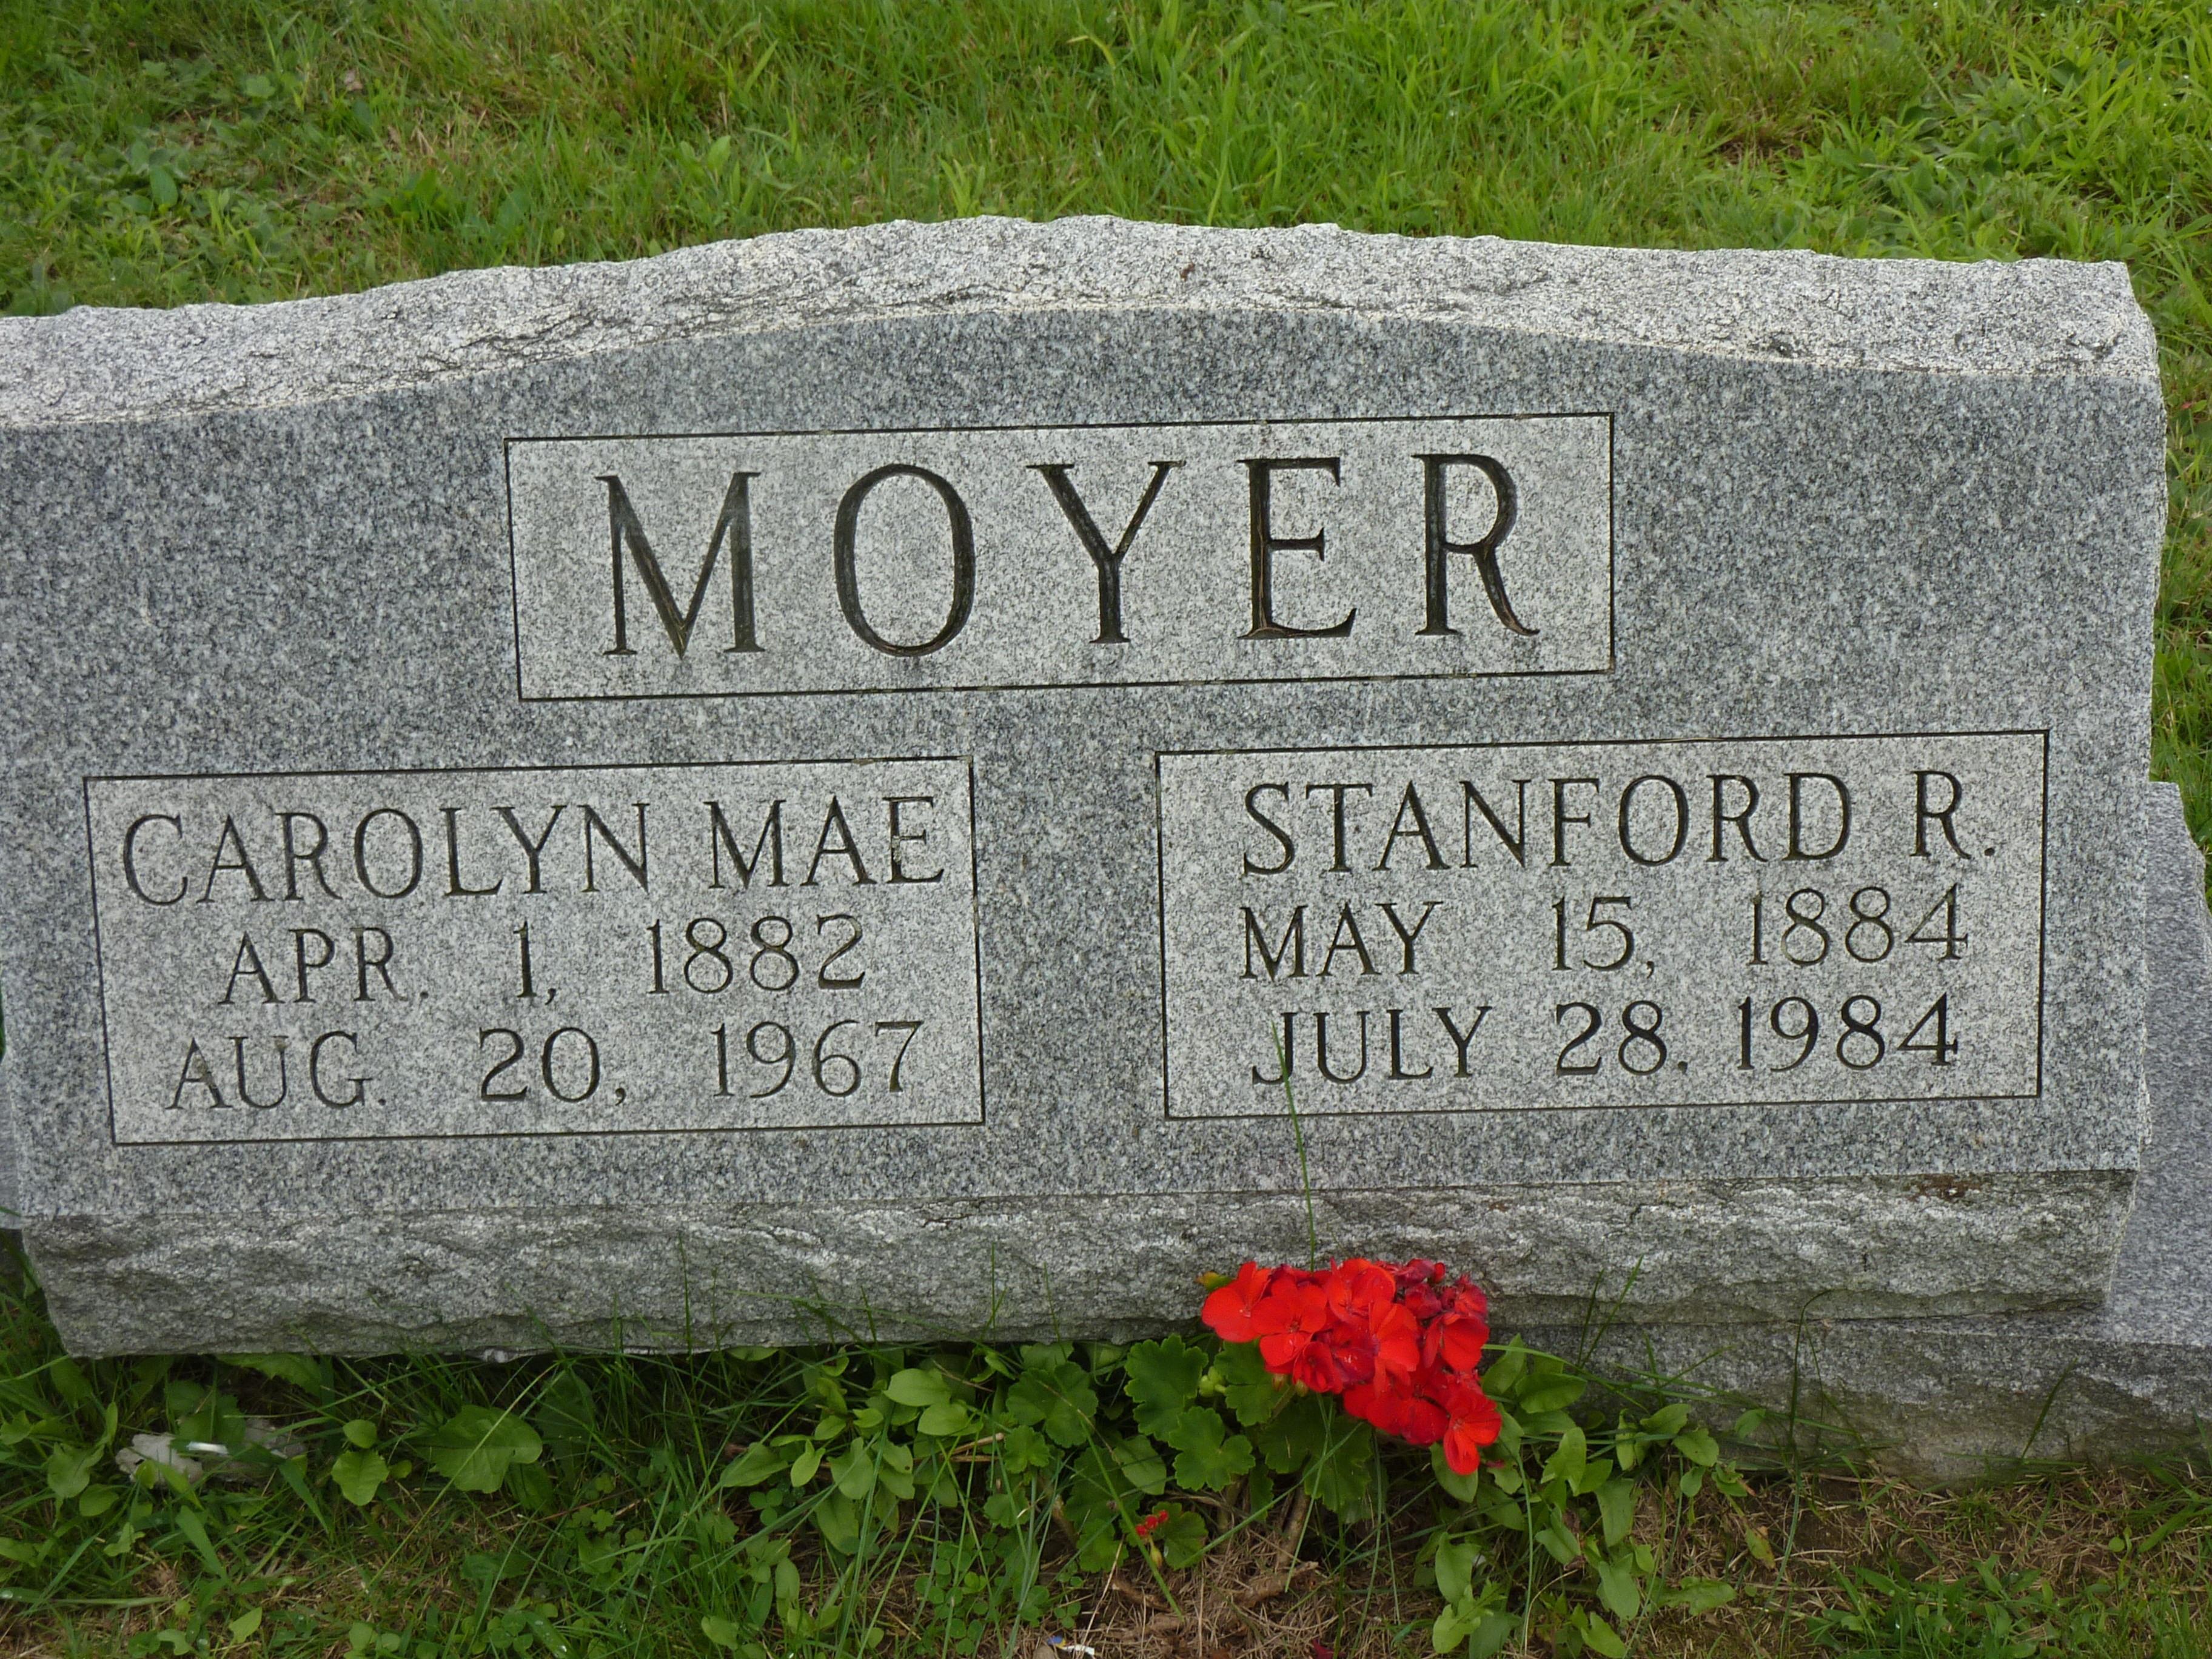 Carolyn Moyer